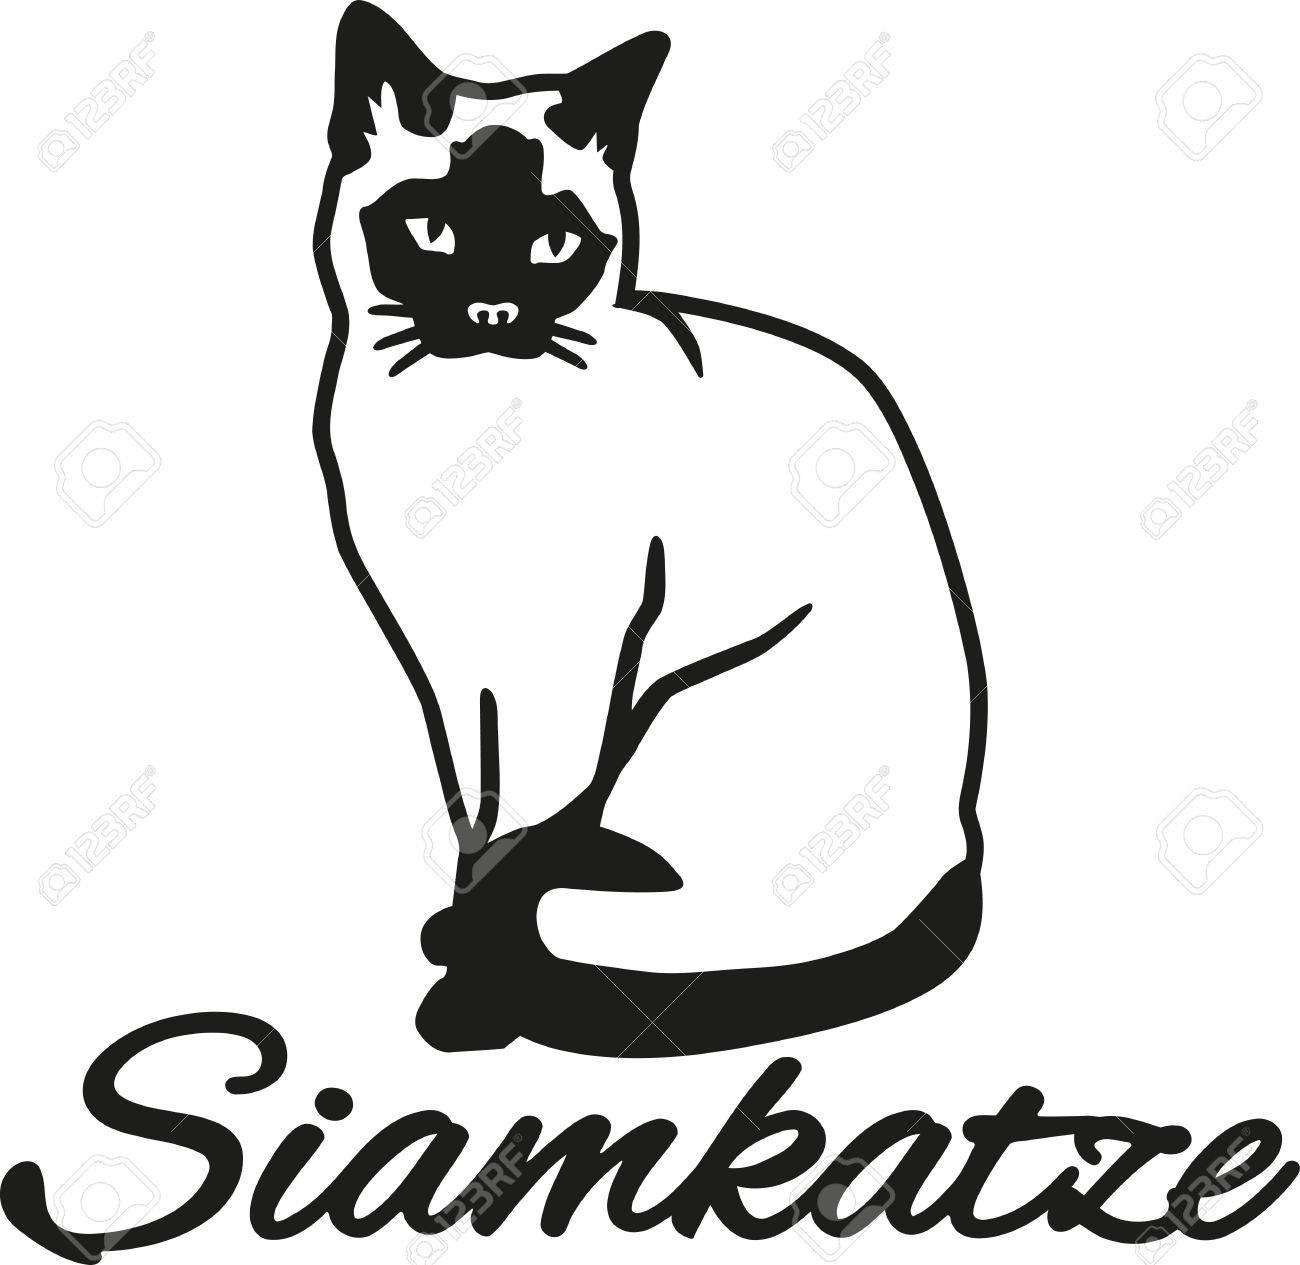 ドイツの名前とシャム猫のイラスト素材ベクタ Image 50323974